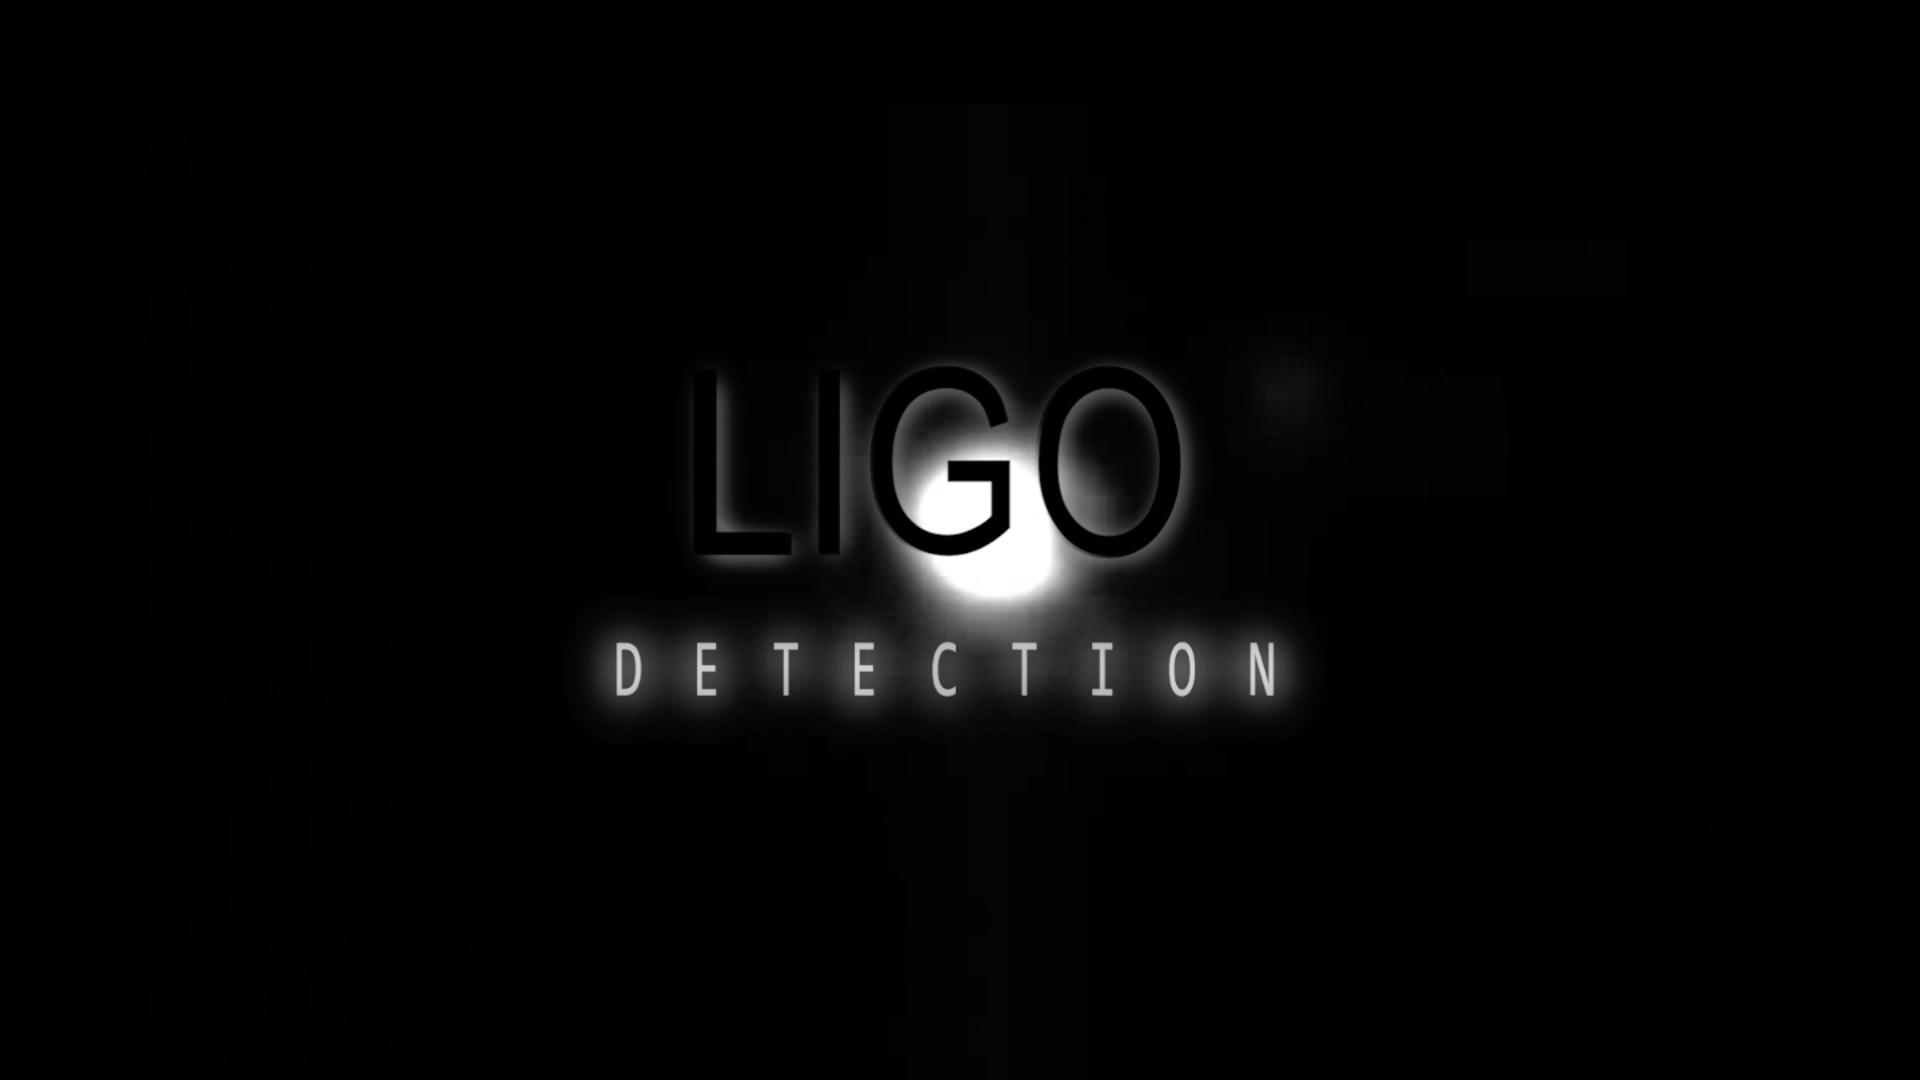 LIGO Detection